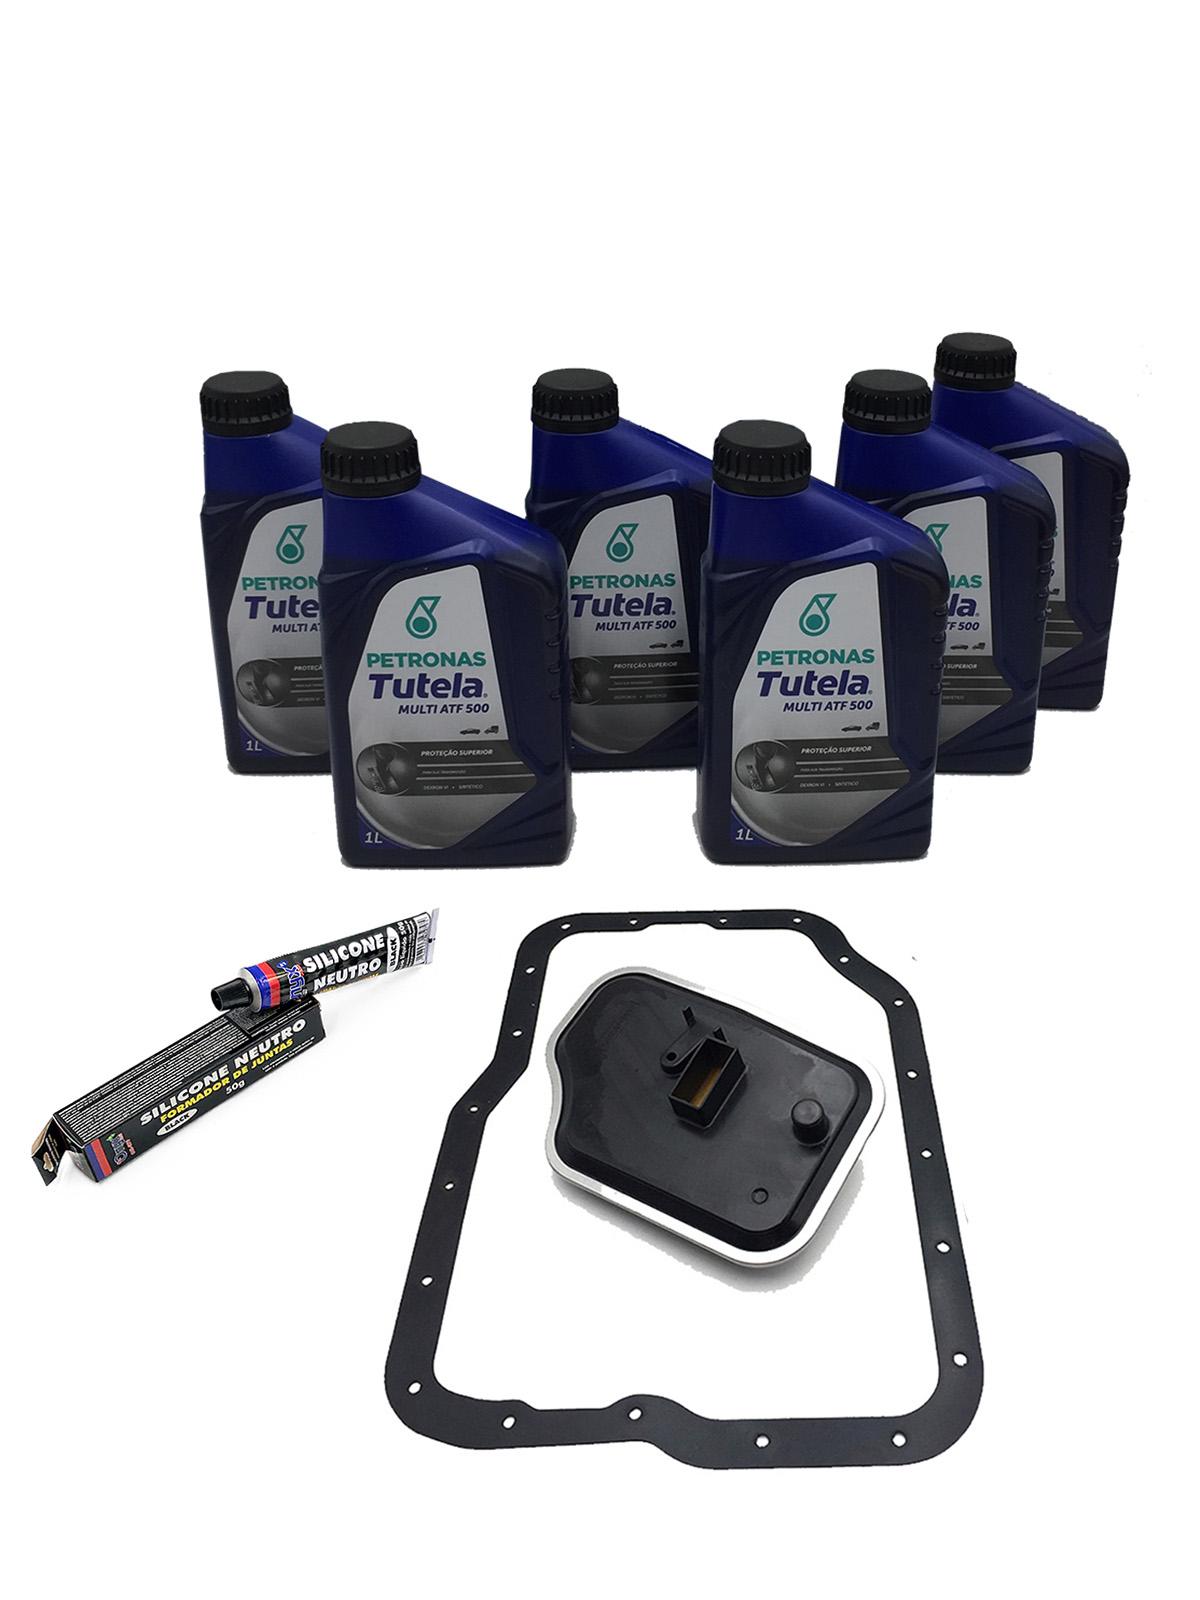 Kit Troca de Óleo Petronas Tutela Multi ATF 500 Dexron VI (06 Lts.) com Filtro de Óleo - Câmbio 4F27E  - Ford